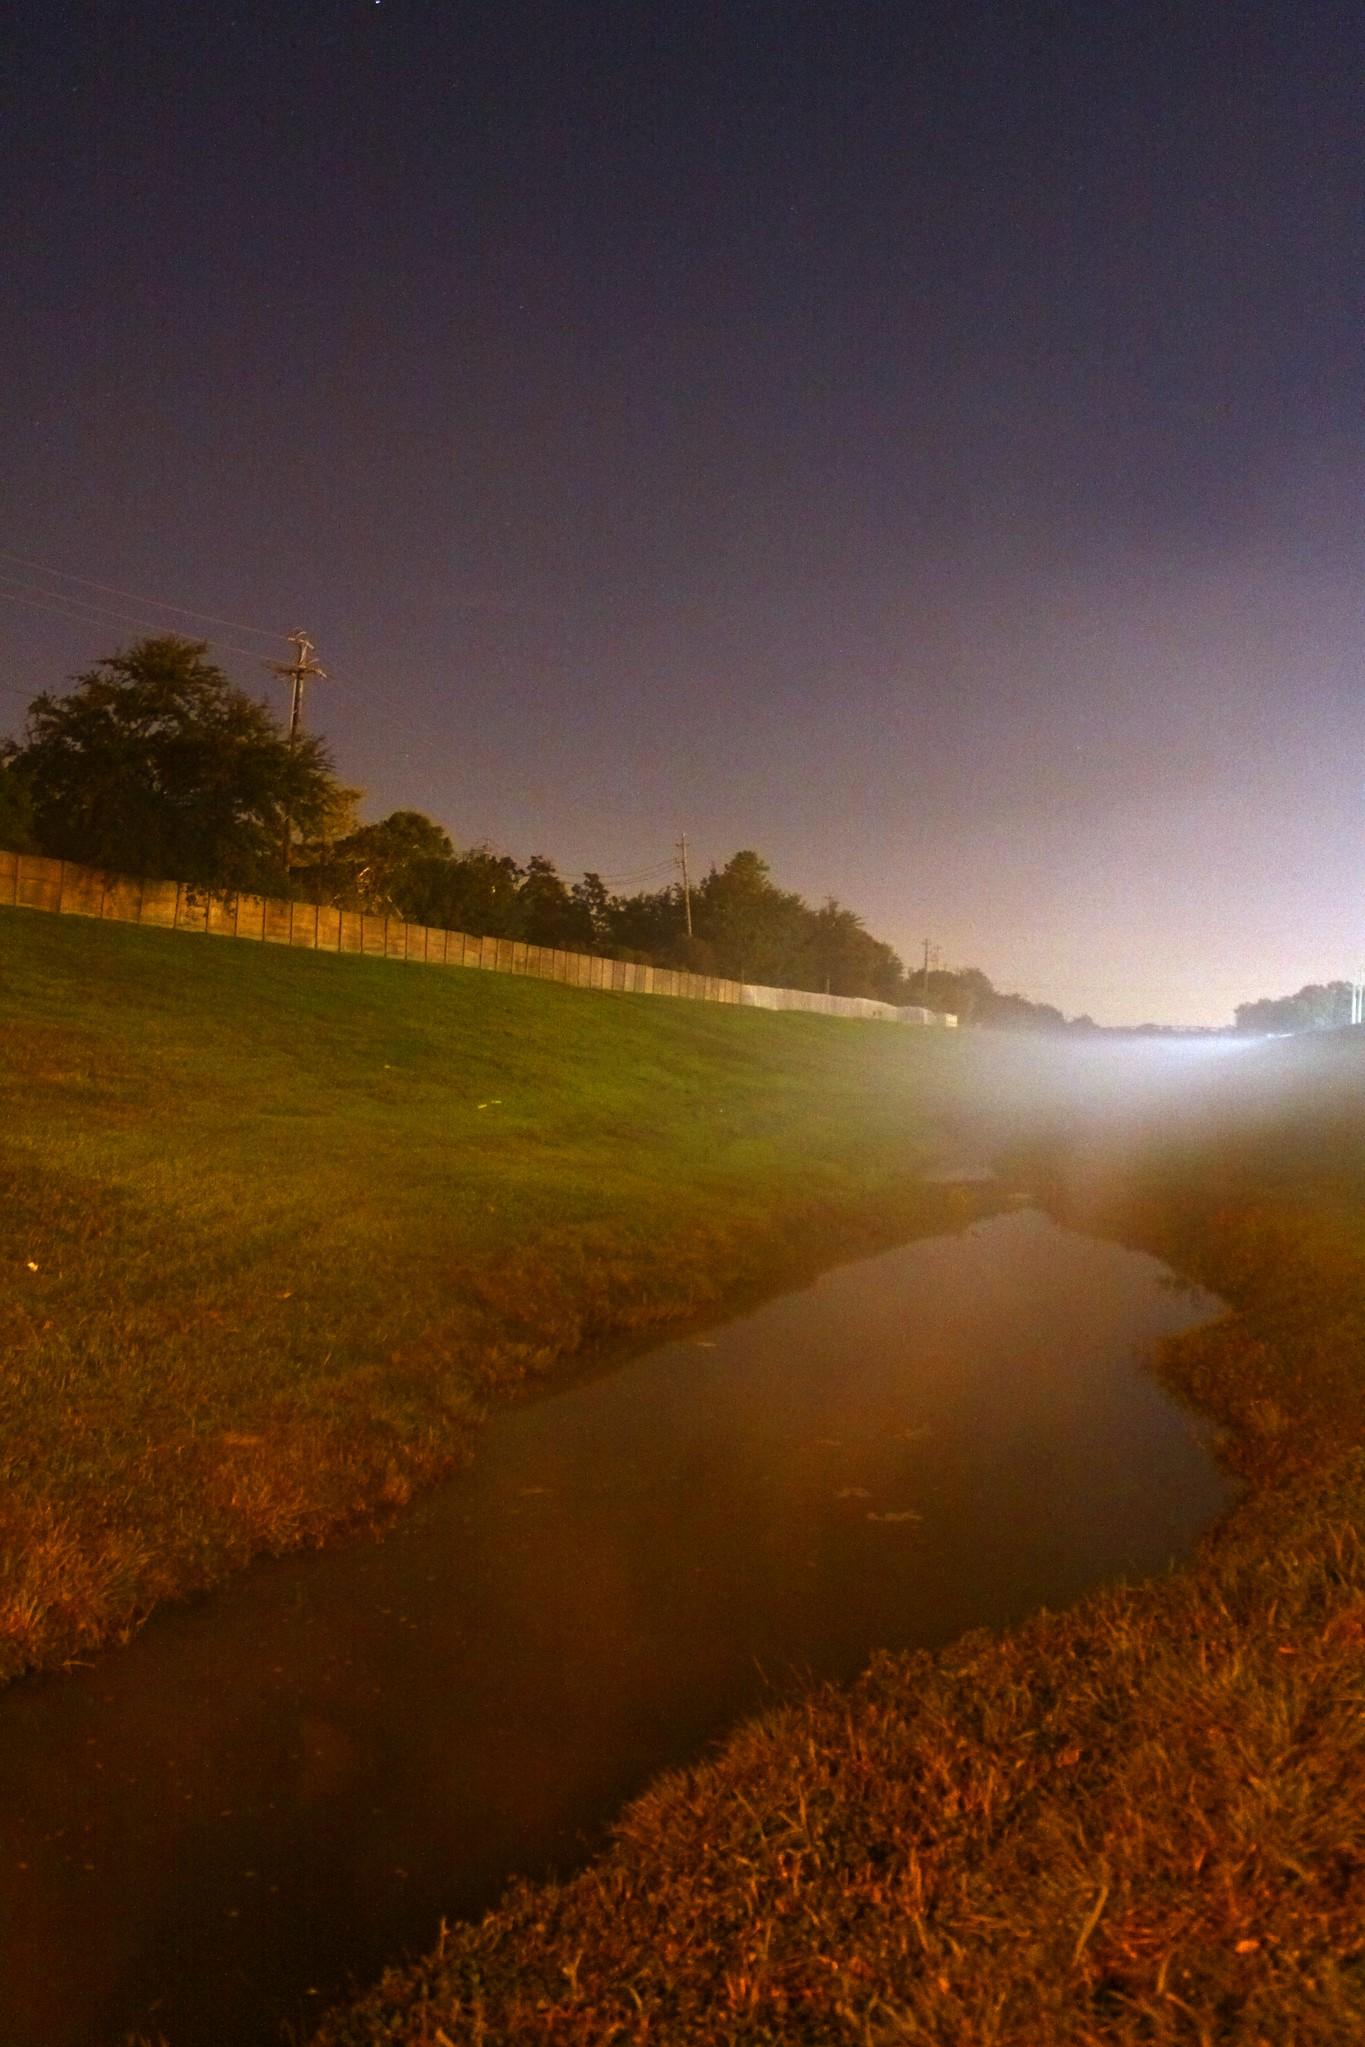 de los colores de la noche on Flickr